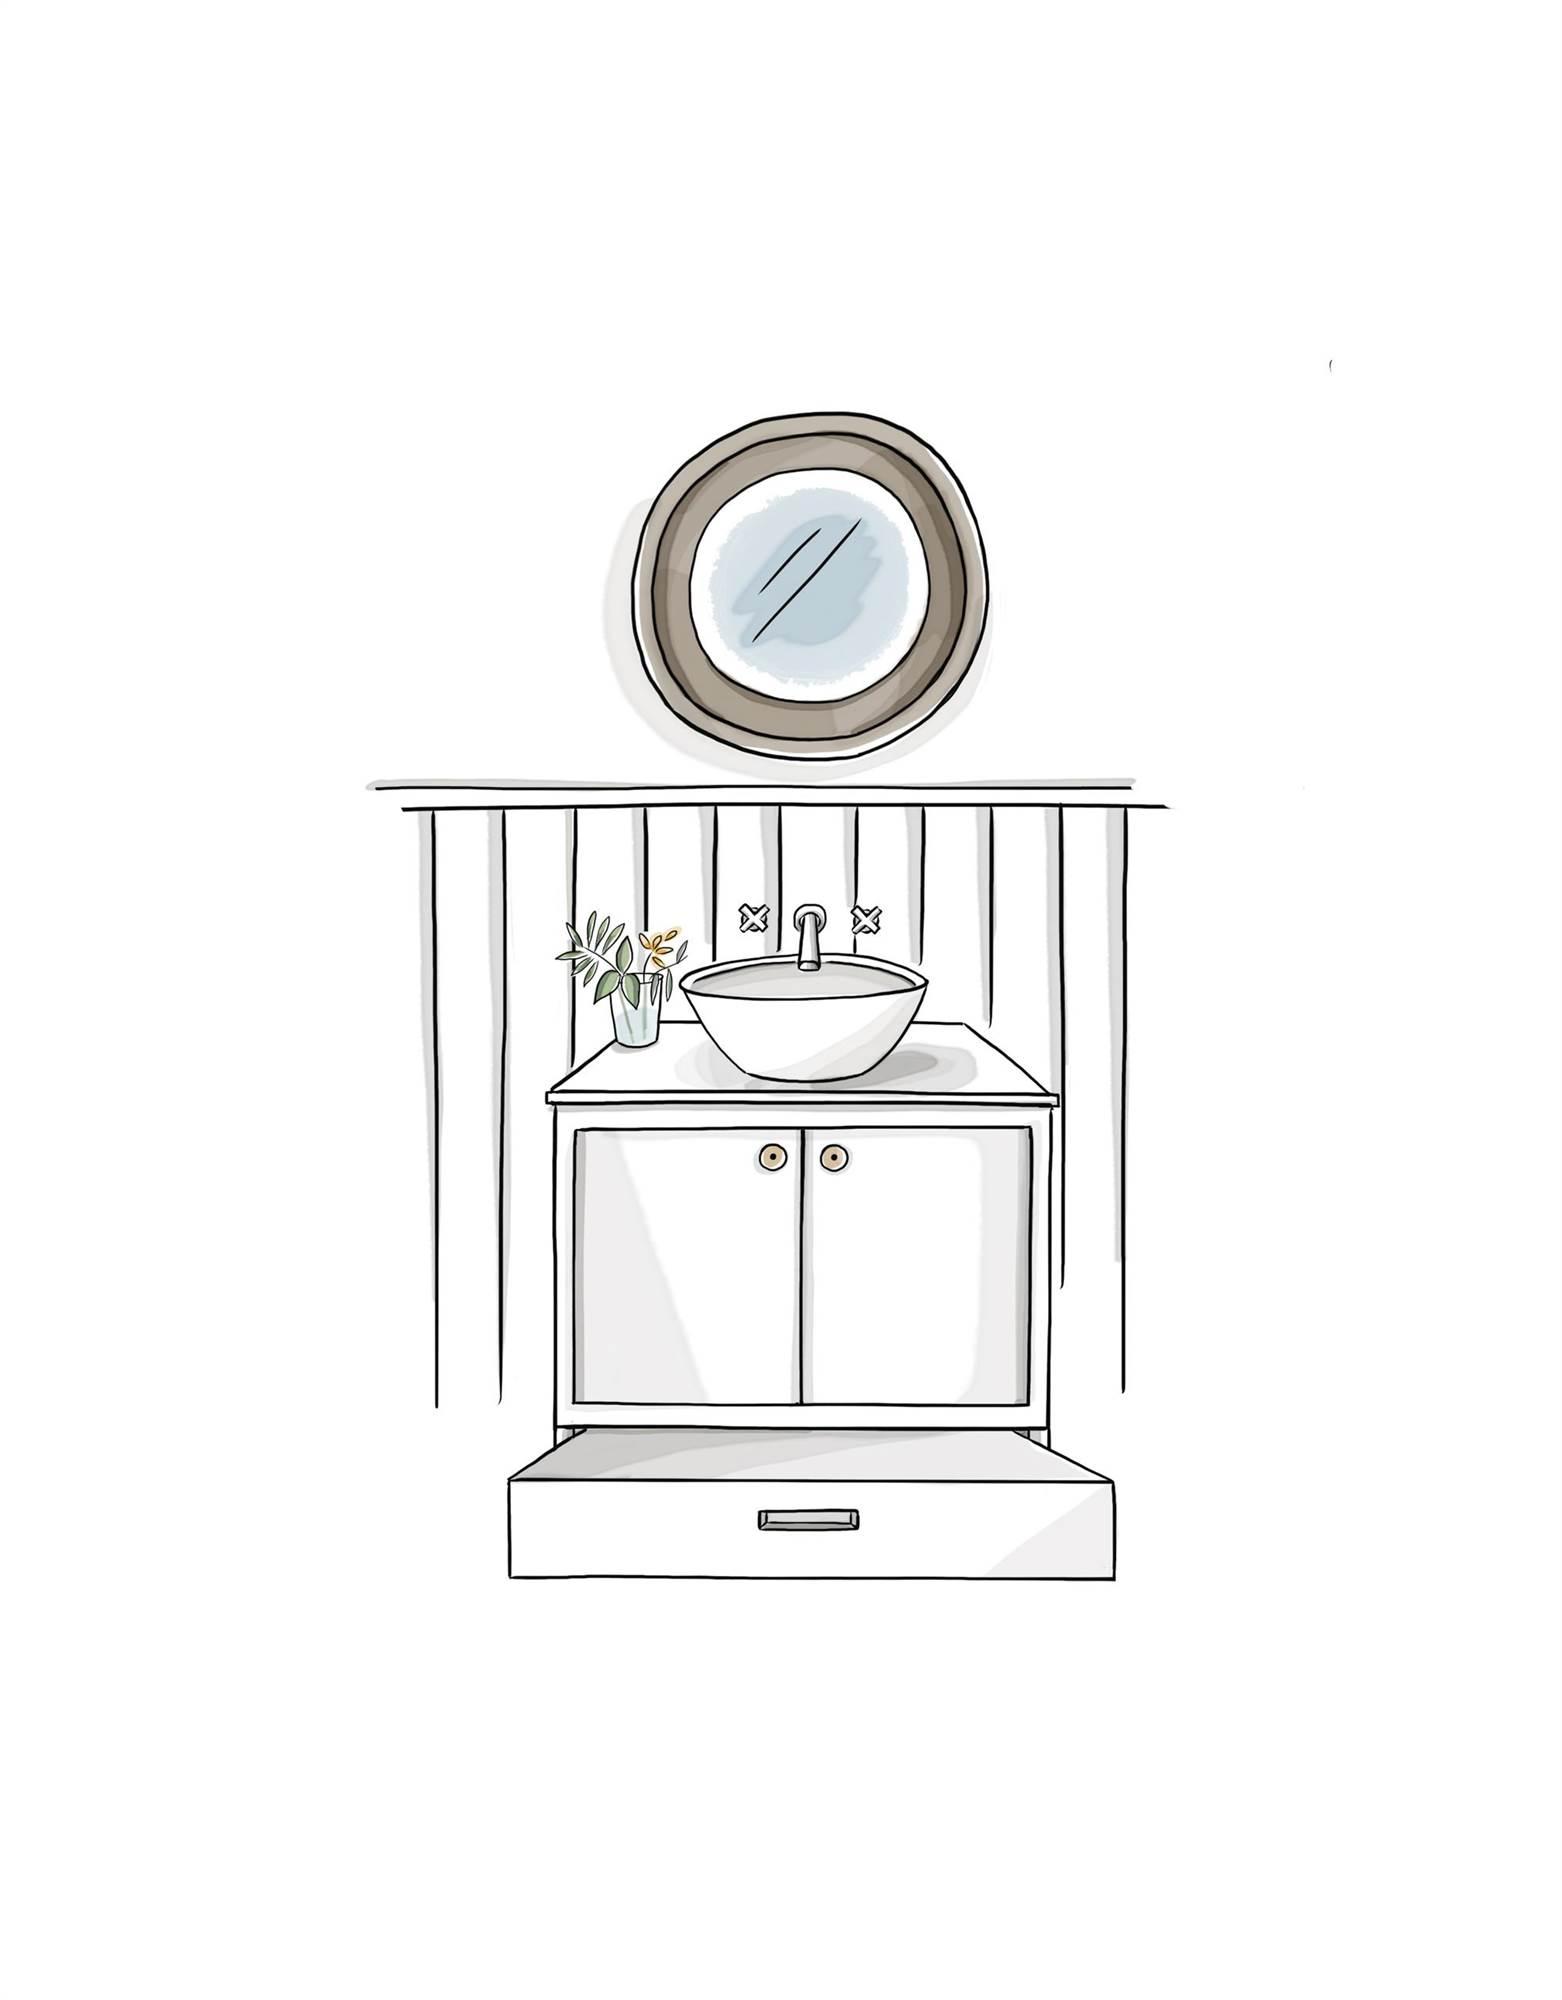 Muebles Ba O Decoraci N Accesorios Mamparas Y Azulejos Elmueble # Muebles Dibujos Para Colorear